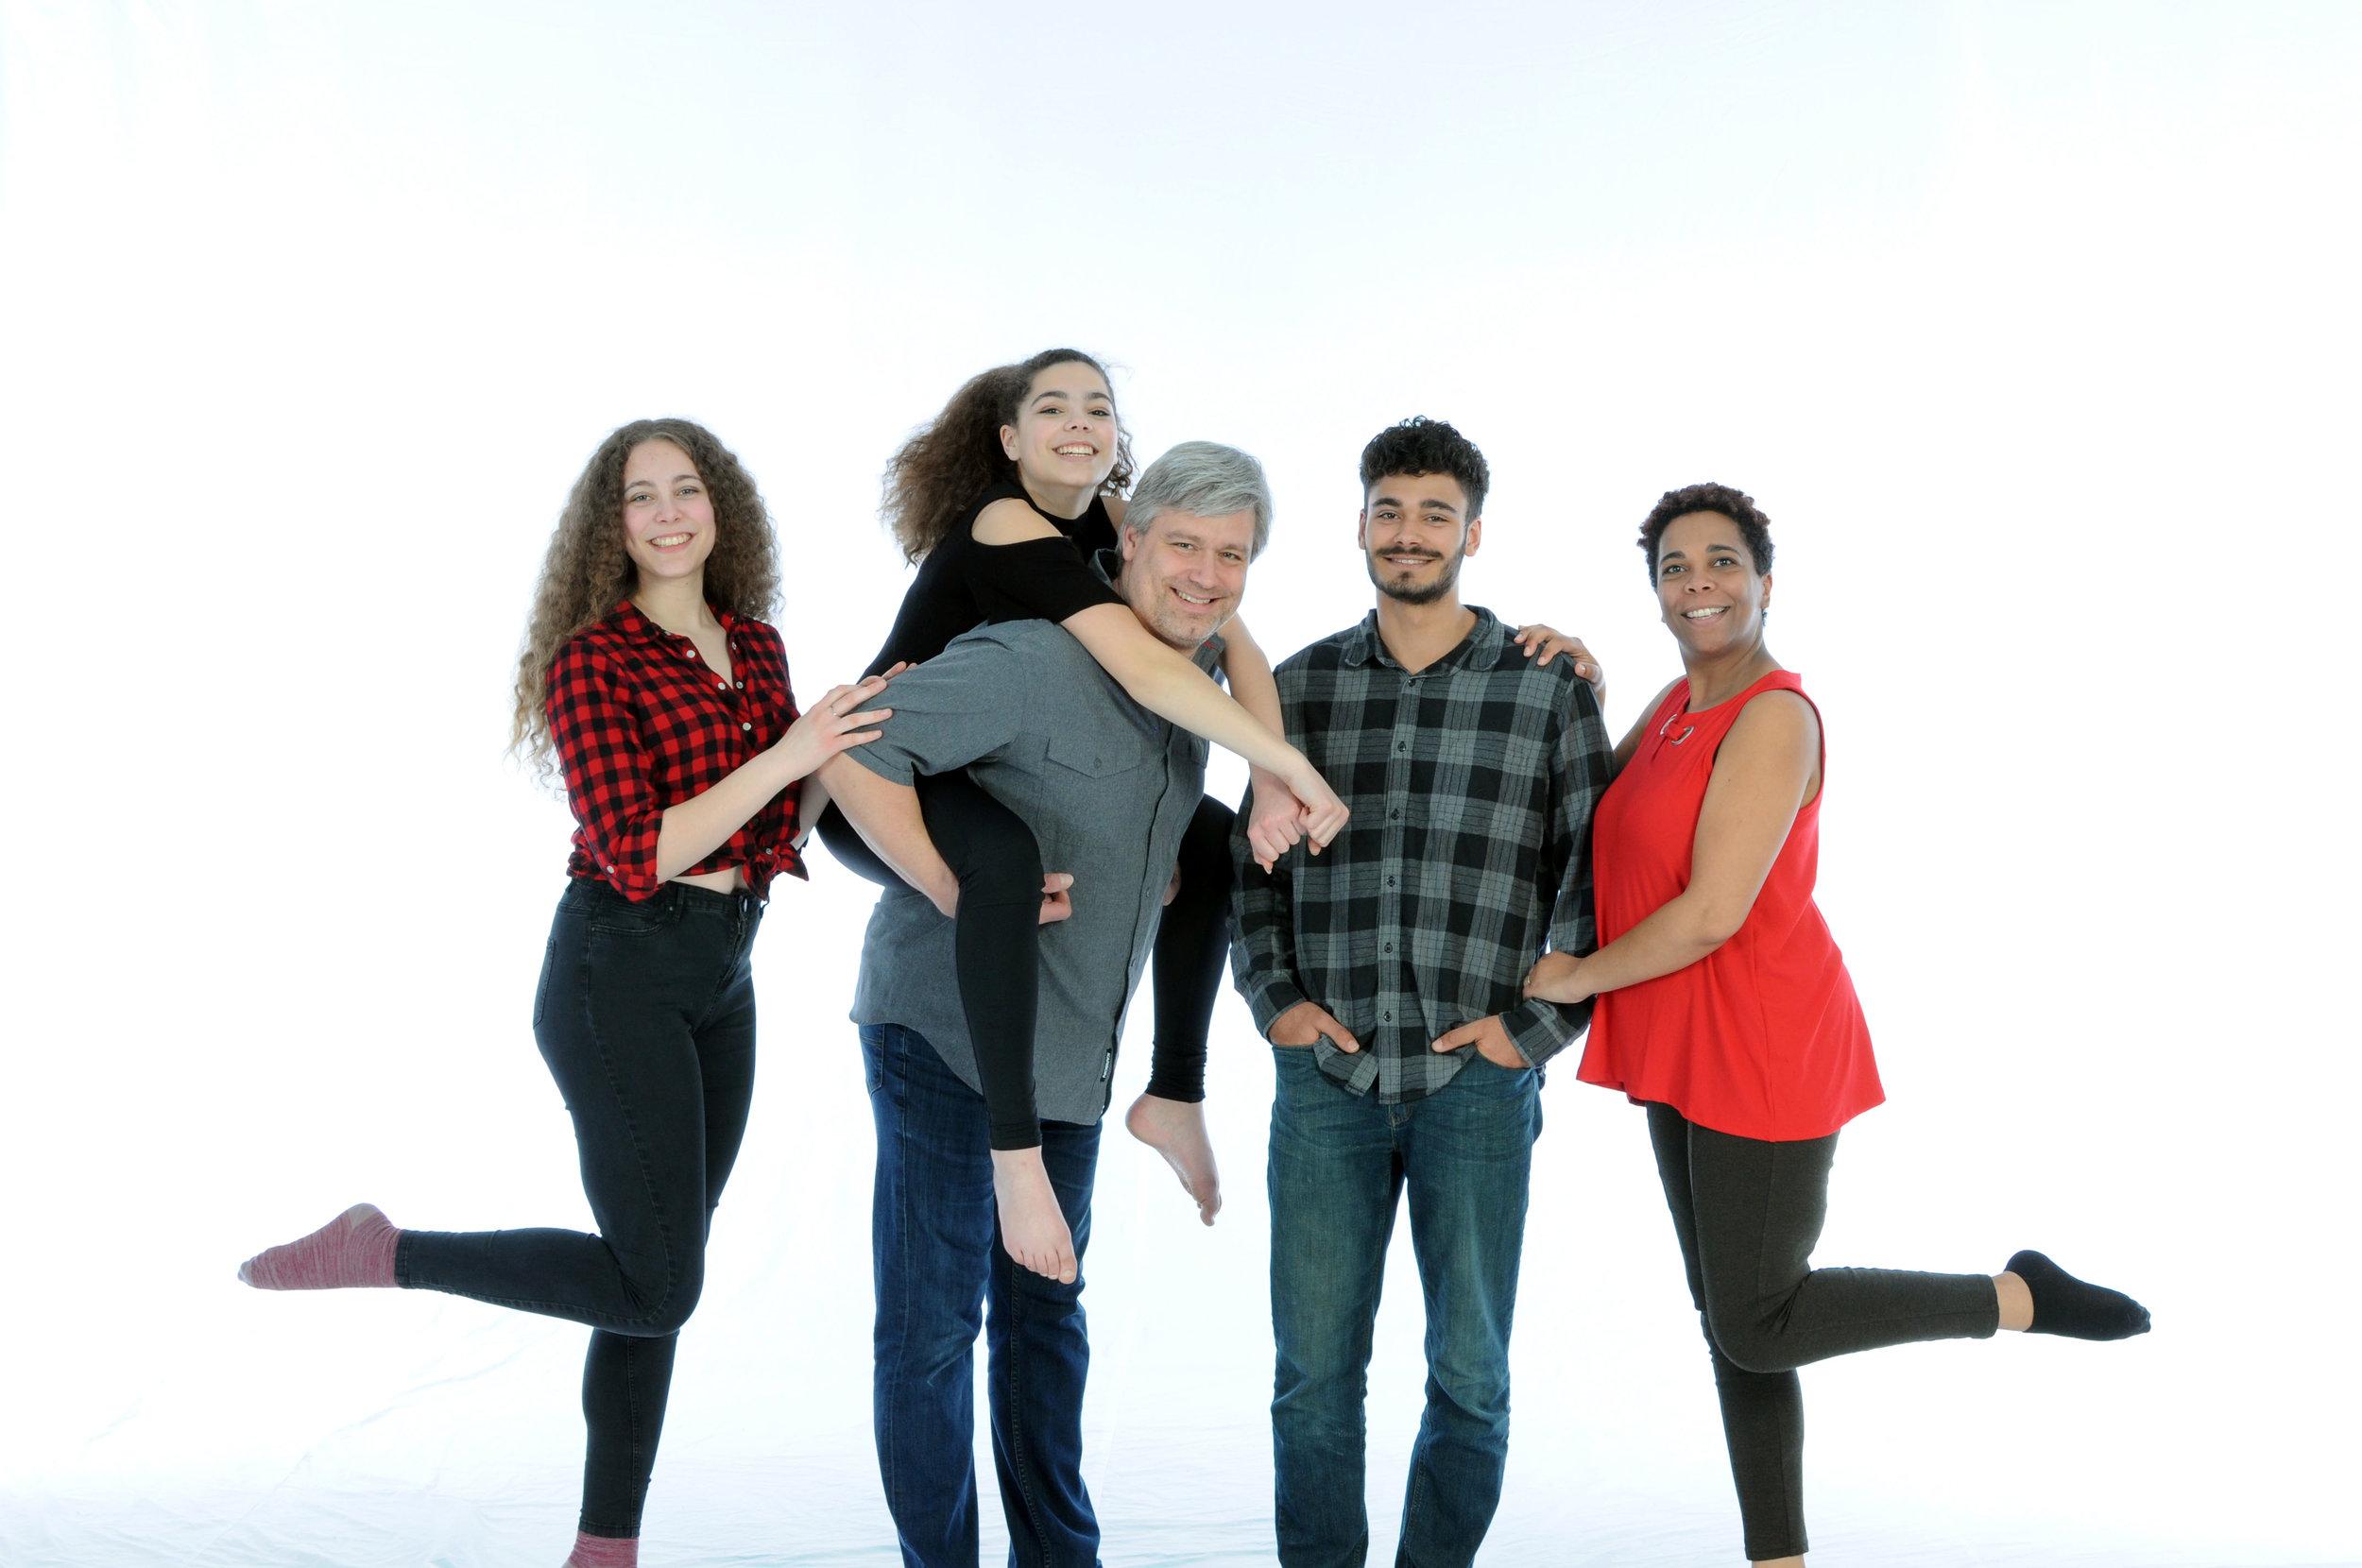 Markwart family.jpg